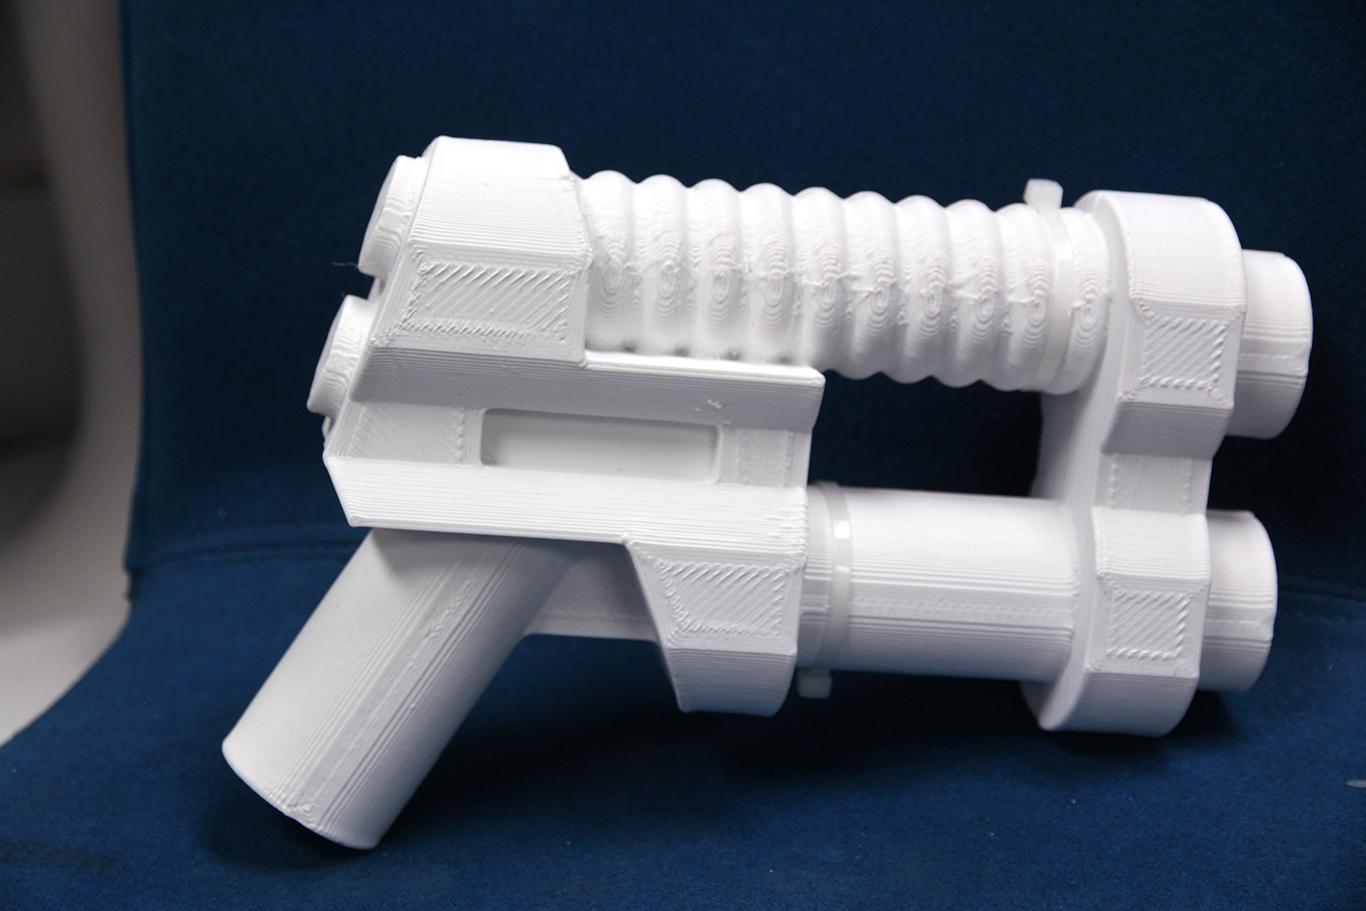 Lego Toy Gun White ABS $250